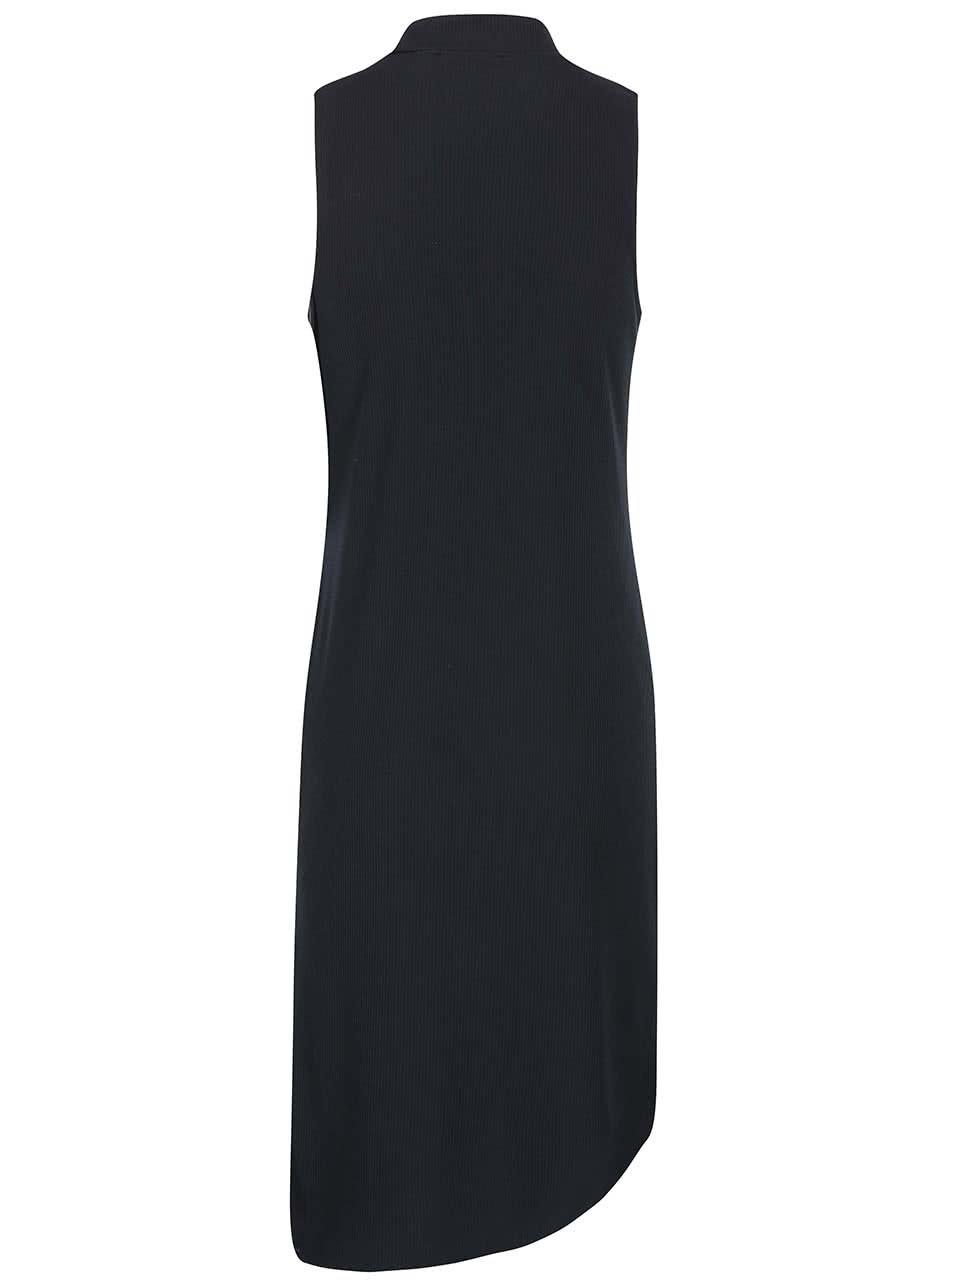 54ef98d0409 Černé asymetrické šaty bez rukávů SisterS Point Simon ...